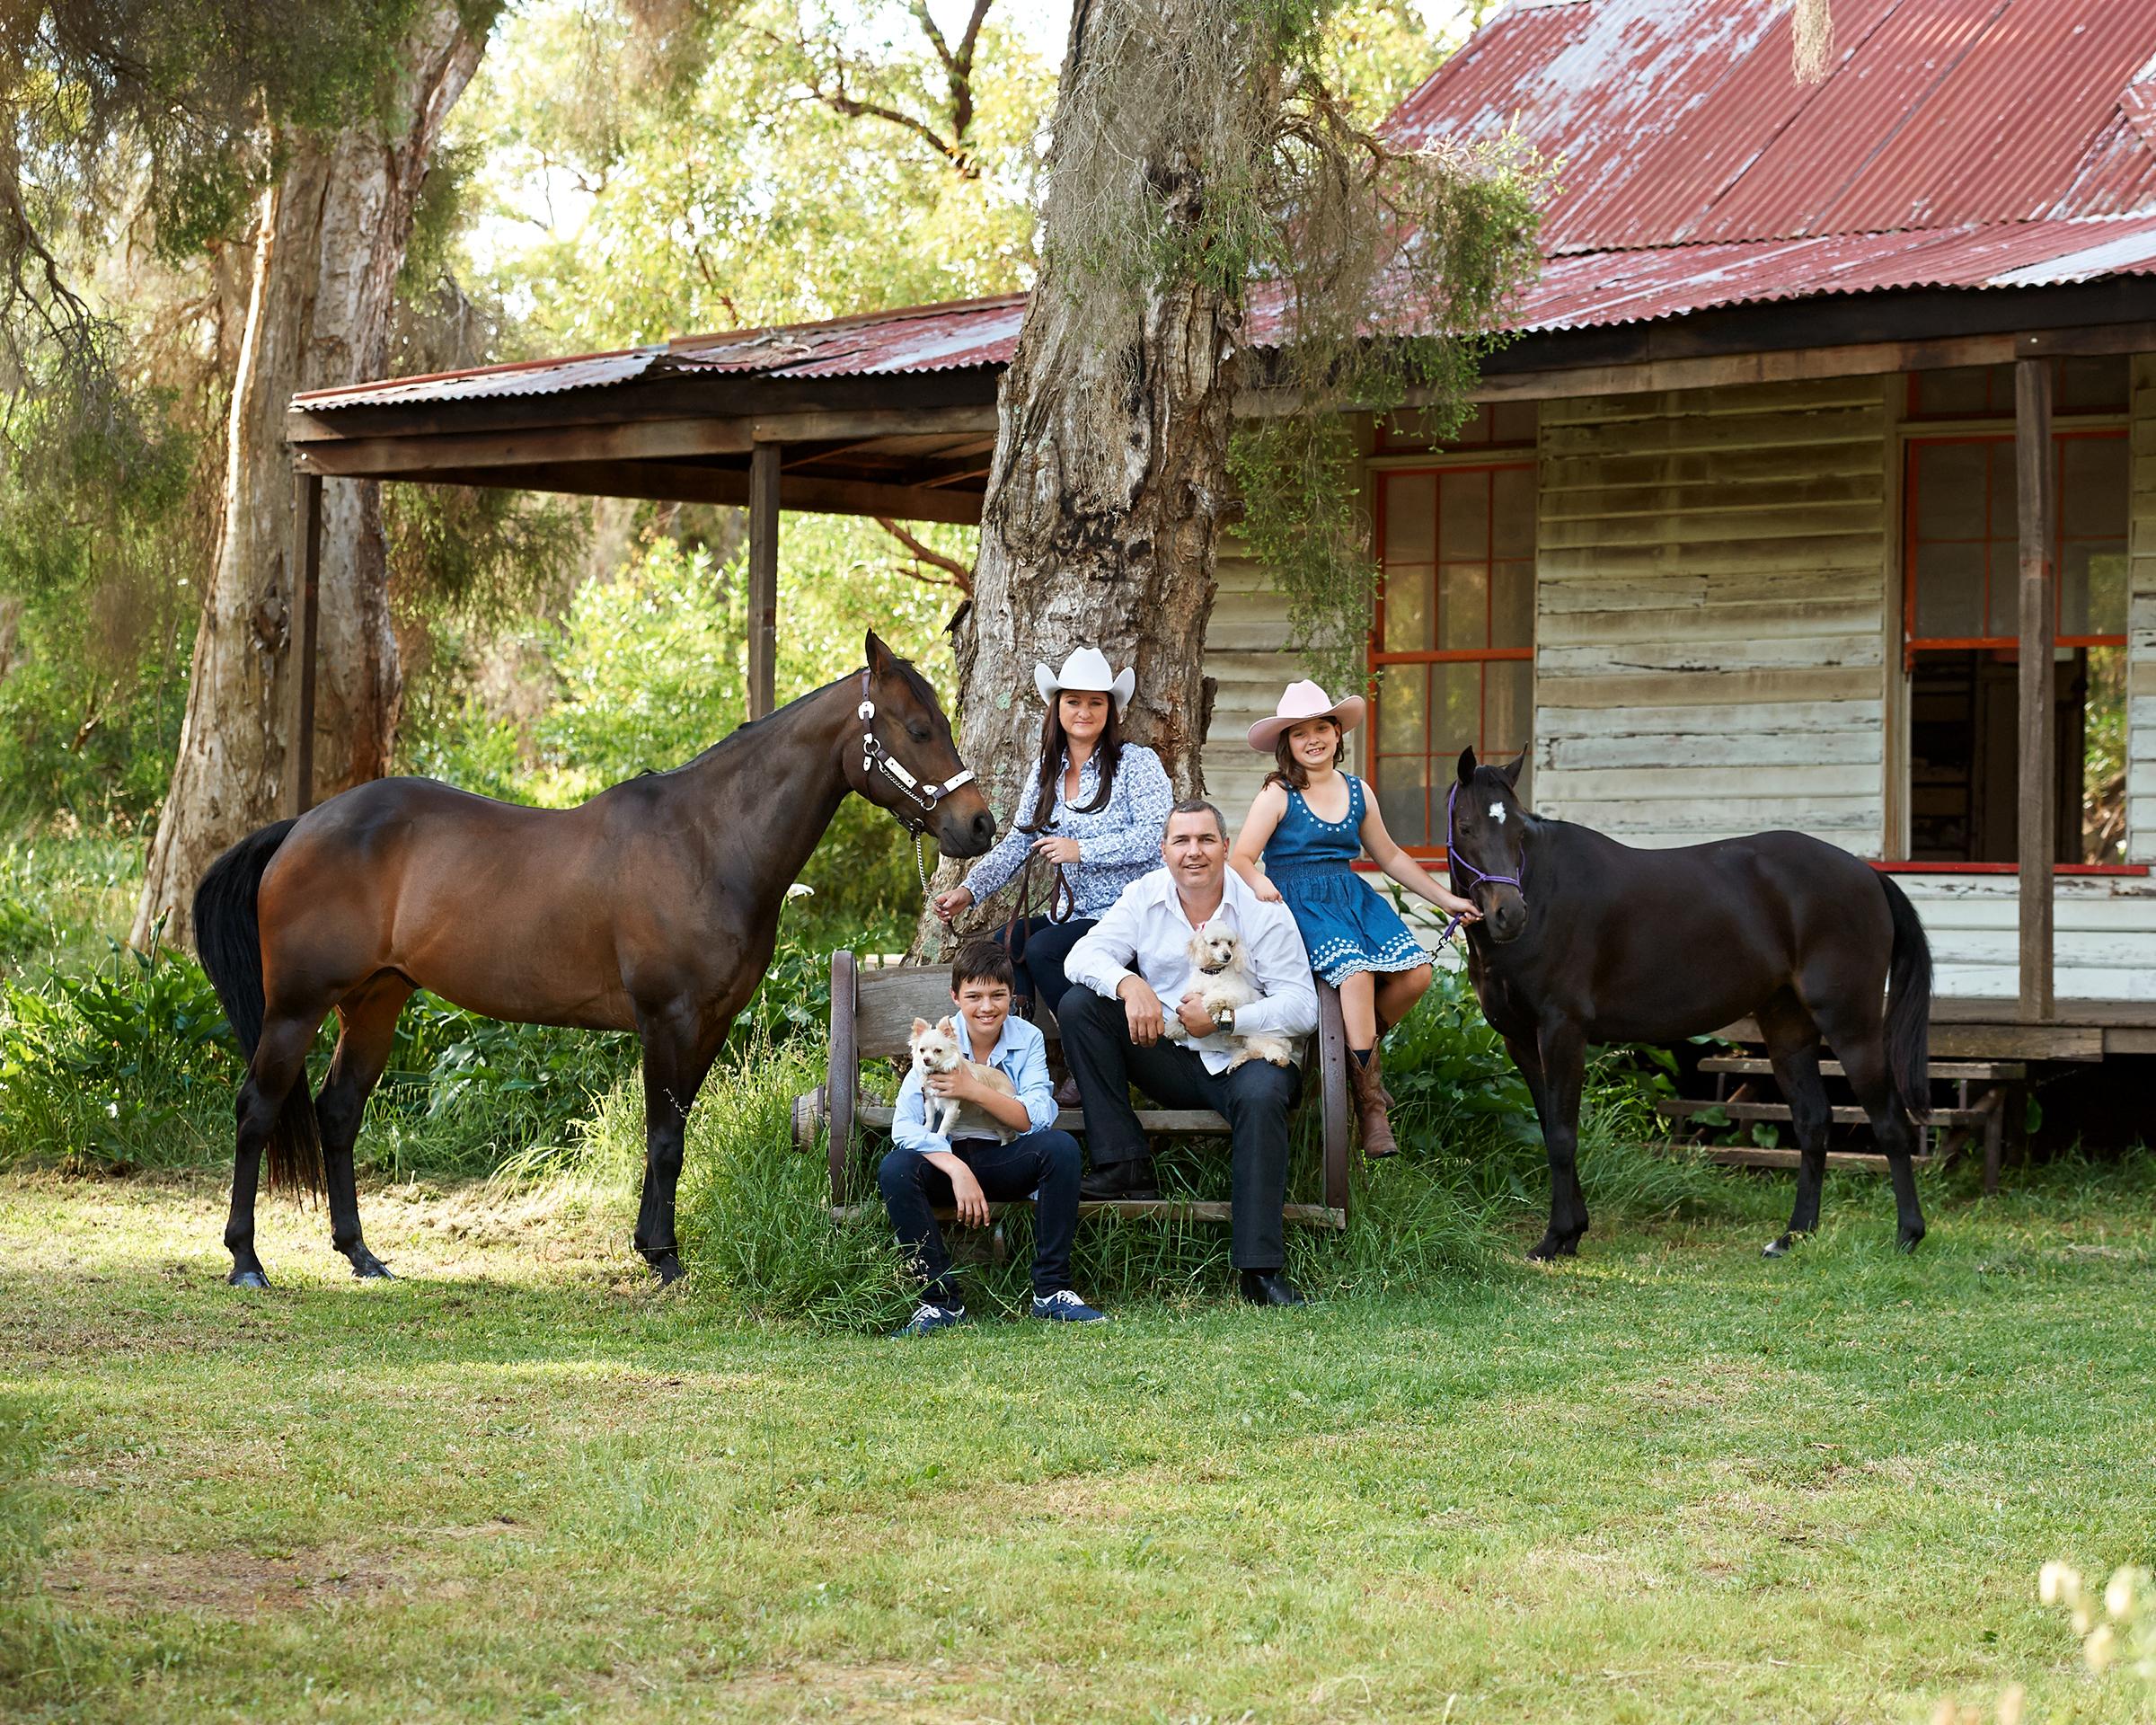 horses_family_pet_four_paws_portrait